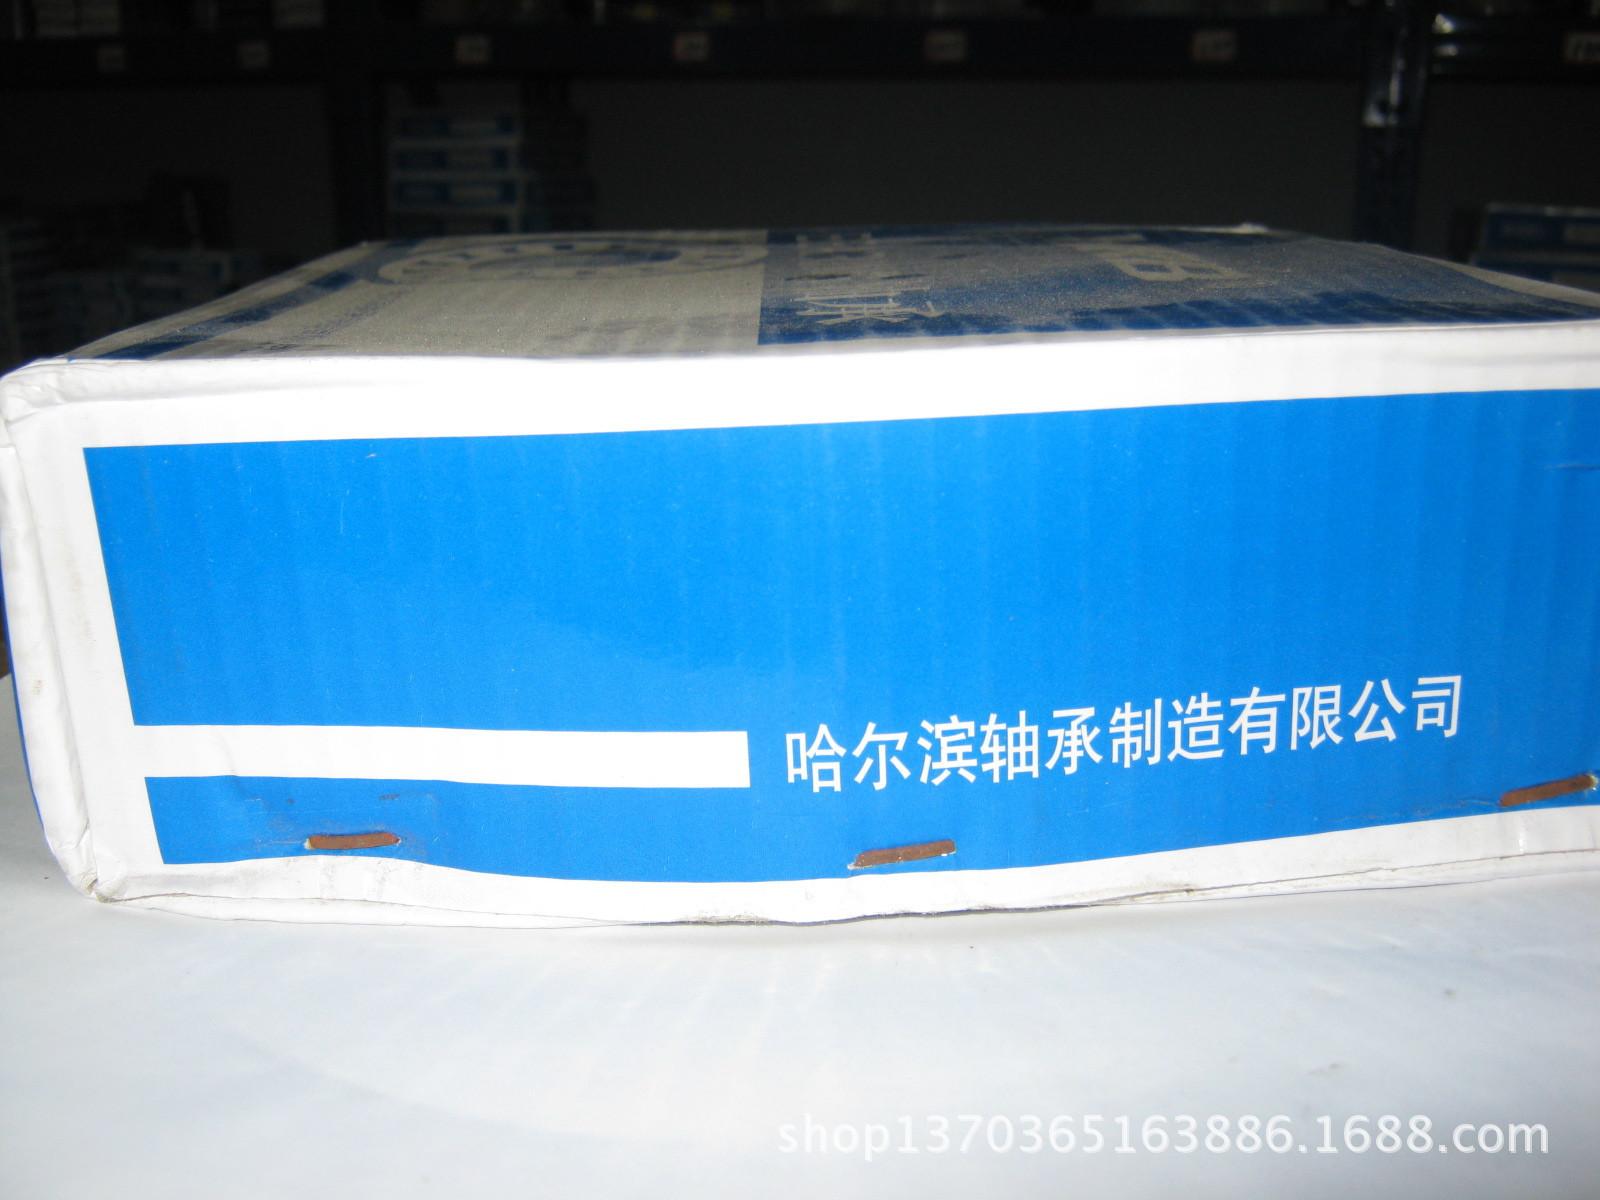 浙江衢州 6330轴承 哈尔滨 HRB 哈轴 销售中